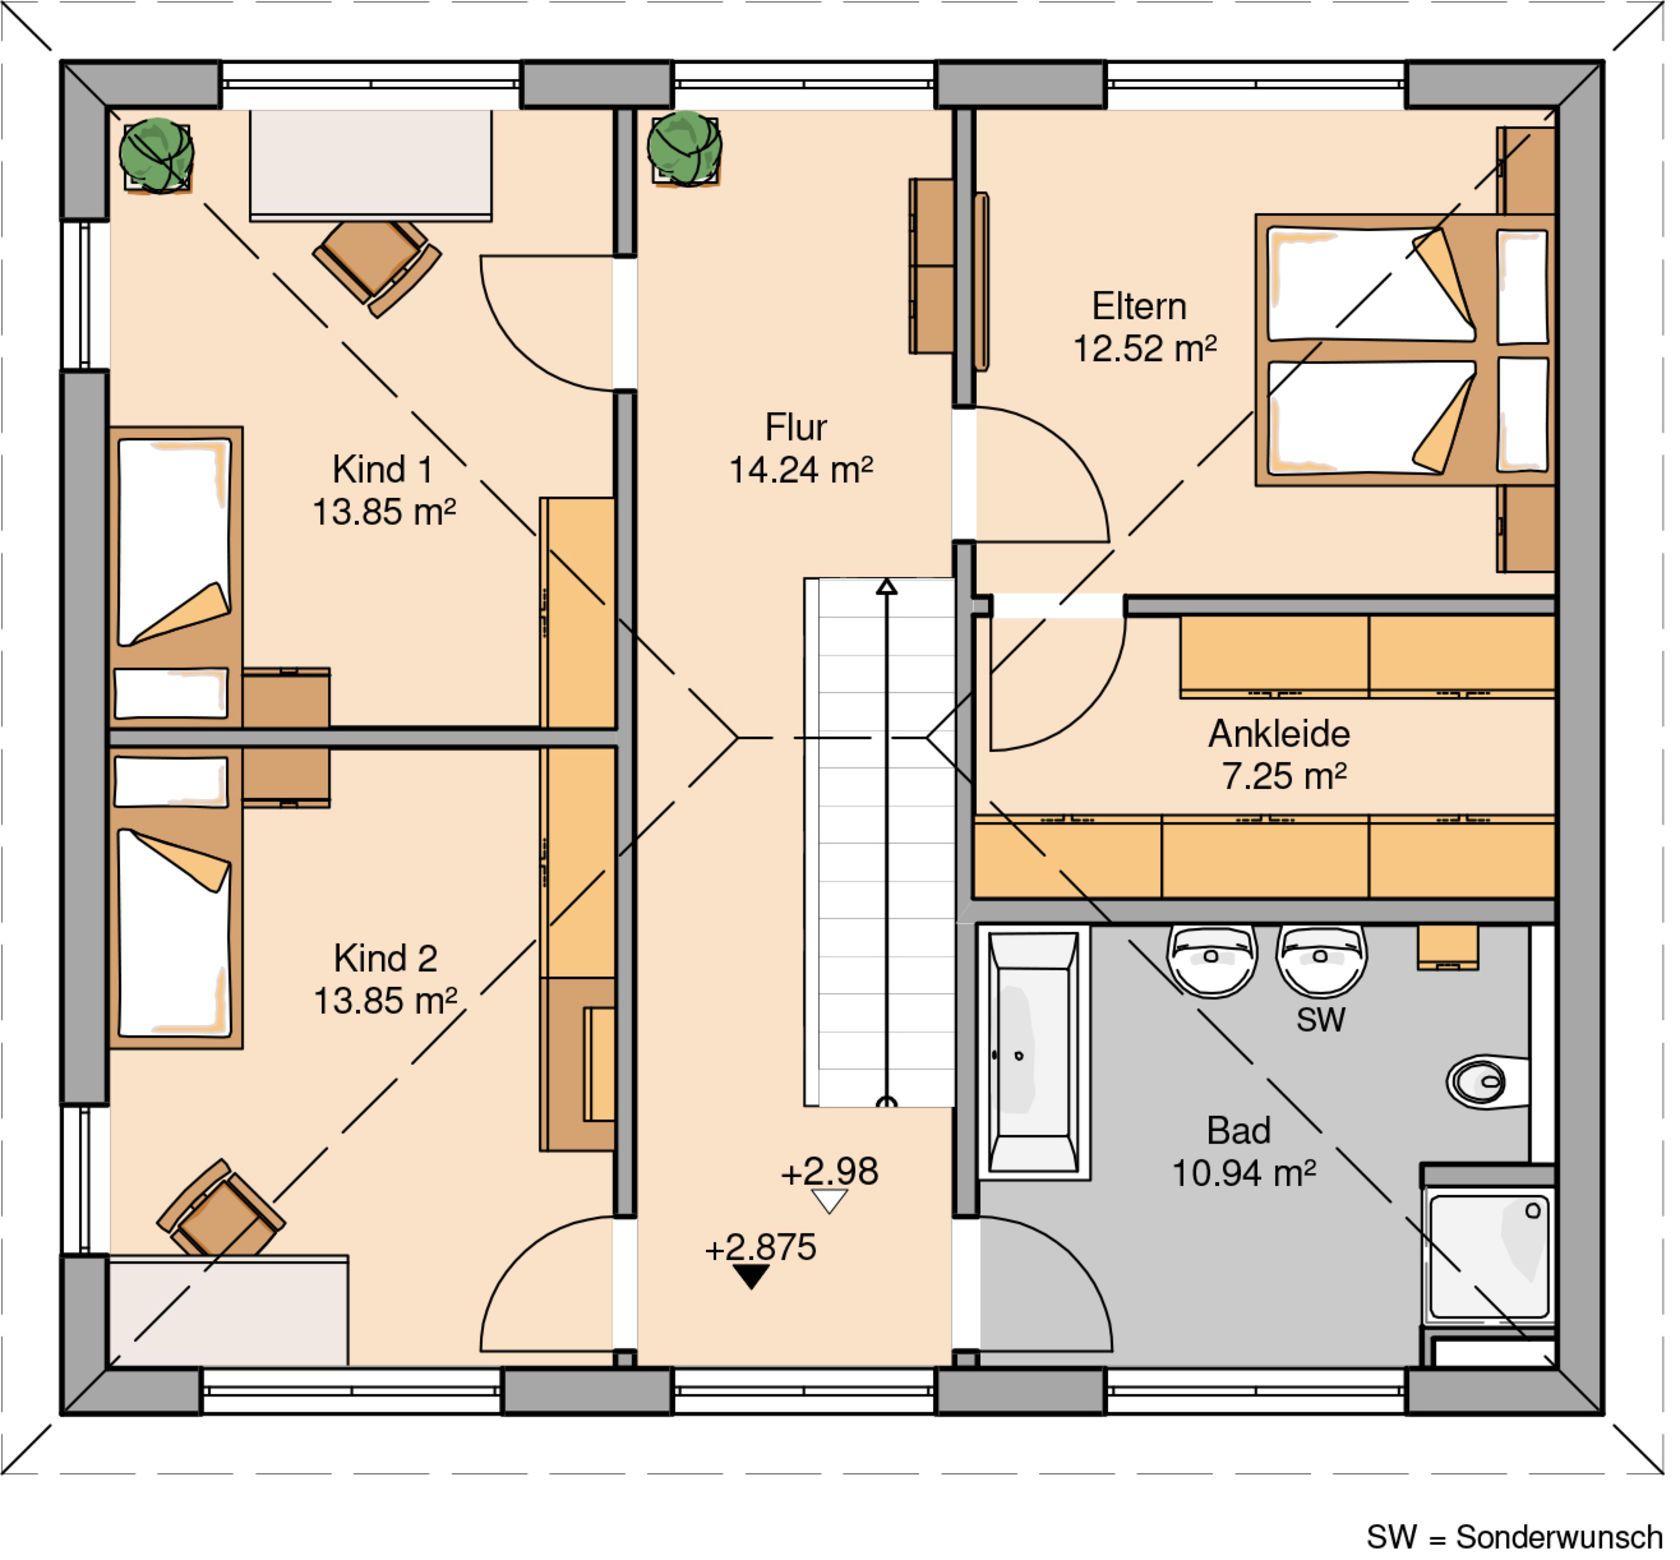 Grundriss einfamilienhaus modern obergeschoss  Kern-Haus Stadtvilla Signus Grundriss Obergeschoss | Architektur ...